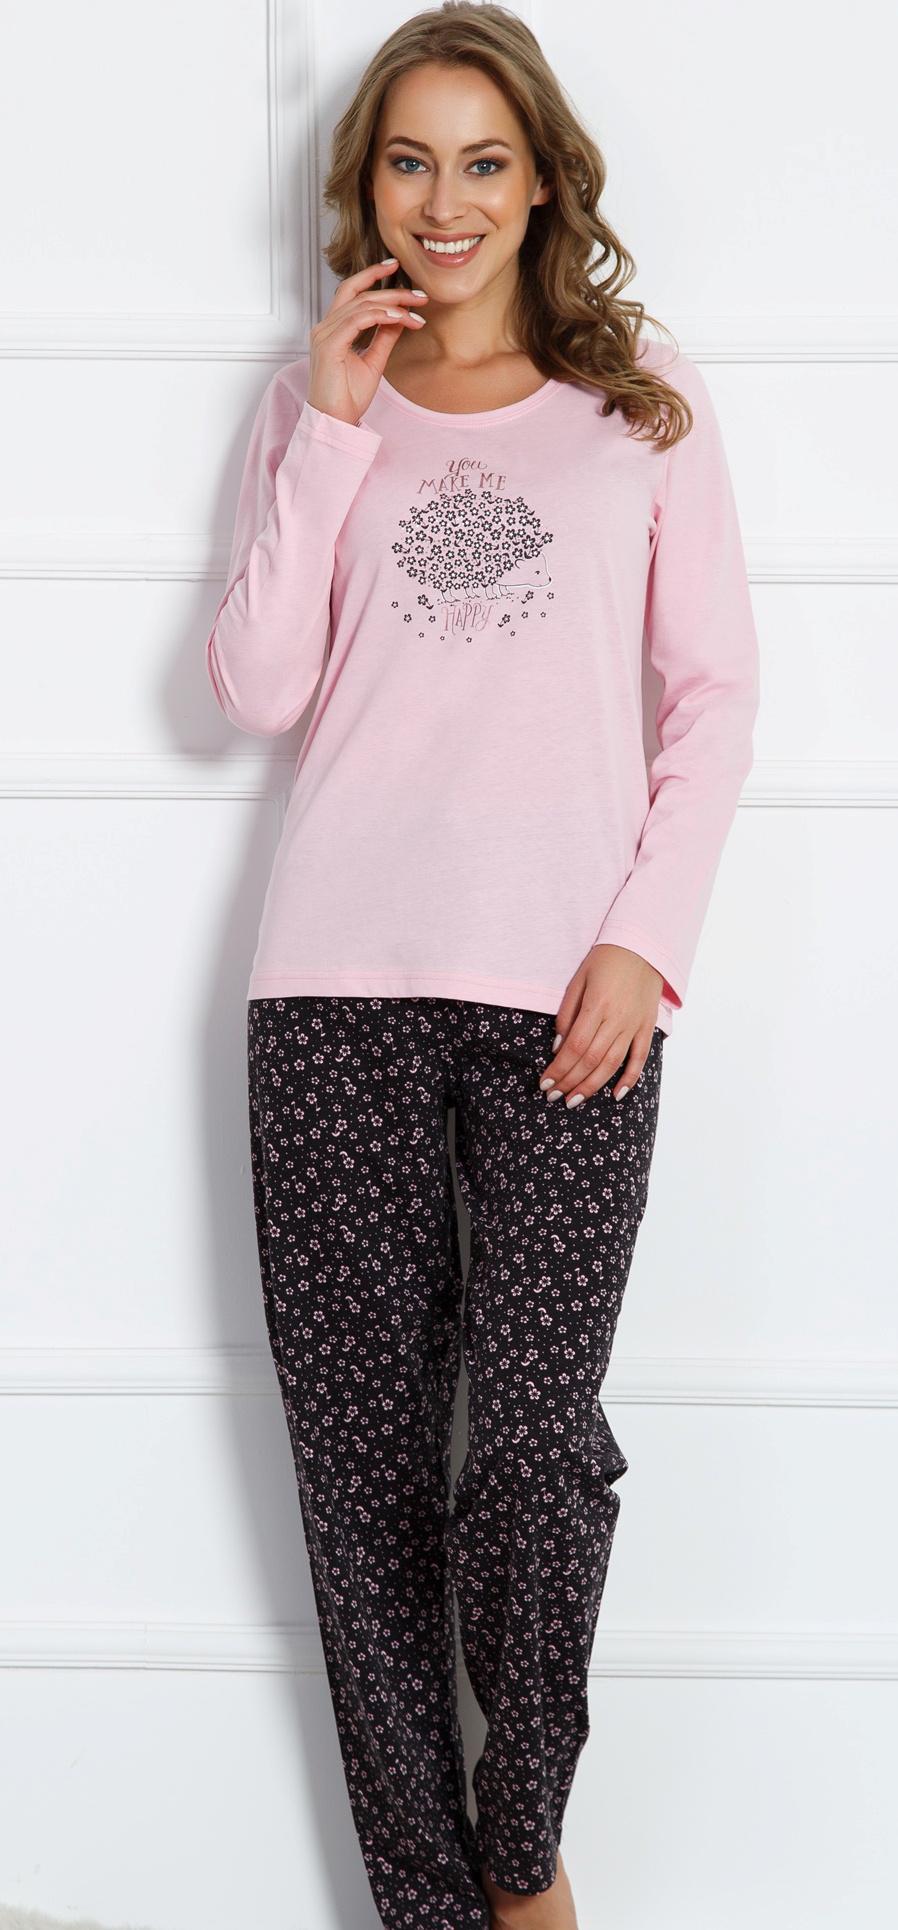 Домашний комплект женский Vienettas Secret Ёжик: брюки, кофта, цвет: розовый. 704093 2884. Размер L (48)704093 2884